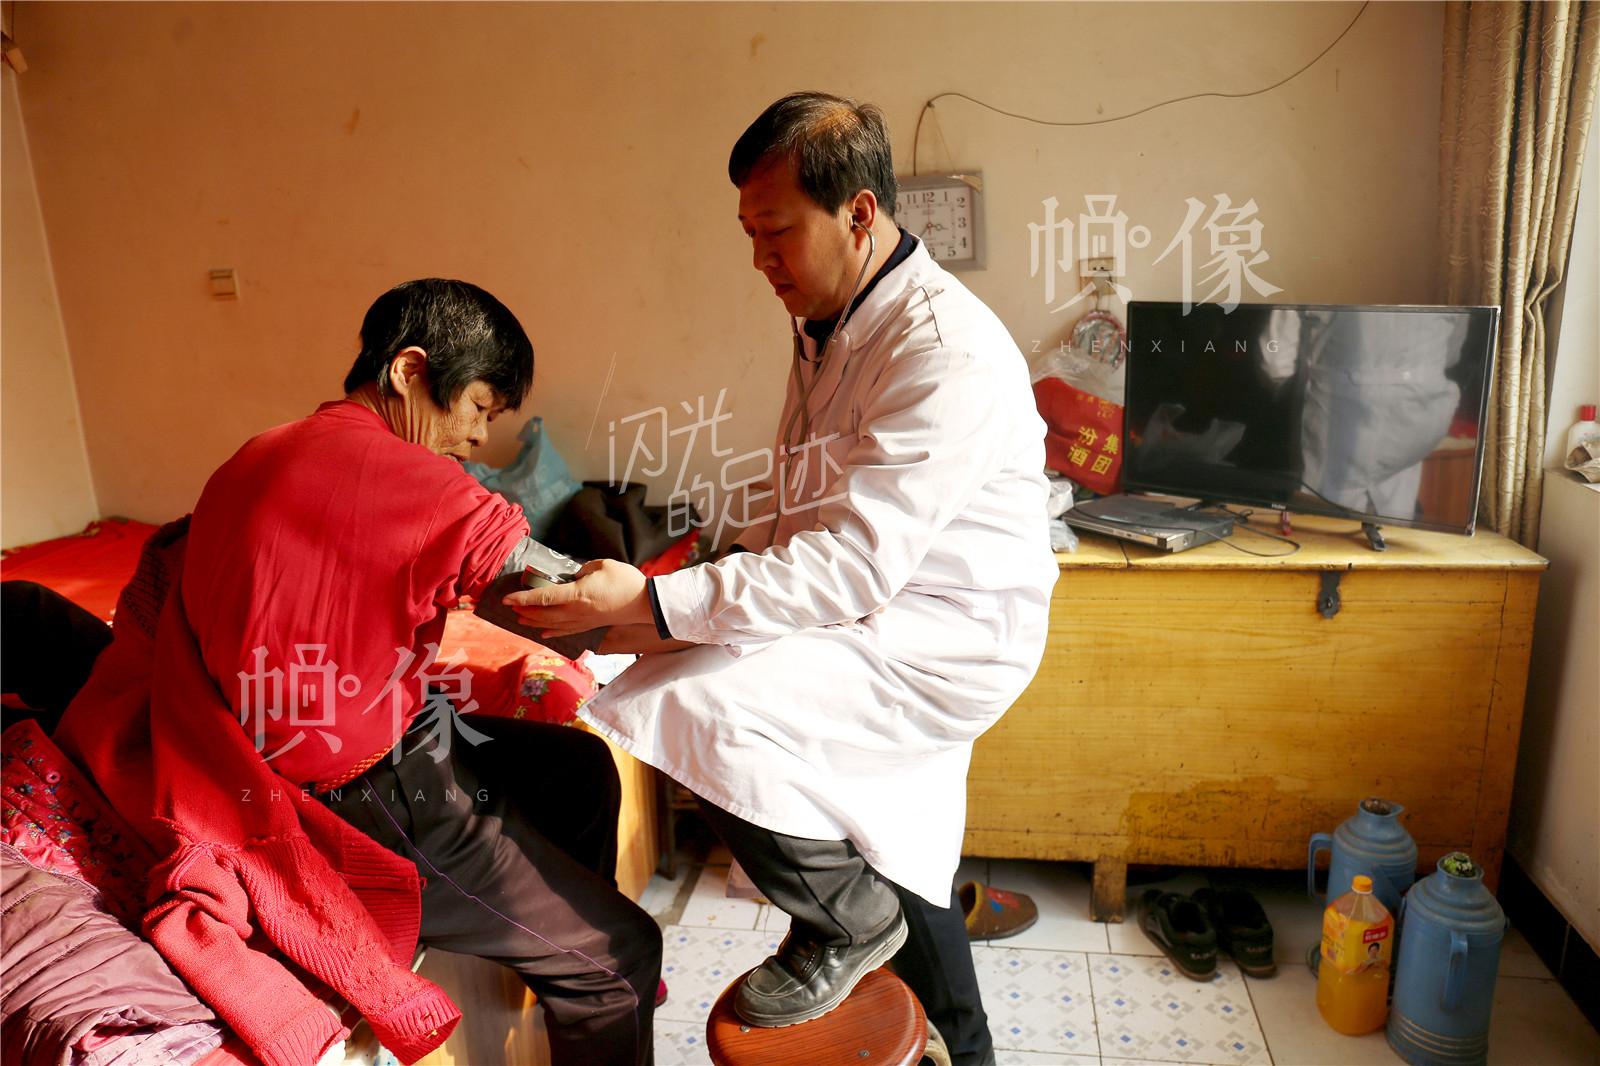 张坊镇东关上村周景荣今年65岁,患有甲状腺、动脉硬化、脑血管等疾病,王金海测量血压后准备回去给她开几副中药进行调理。中国网记者 黄富友 摄